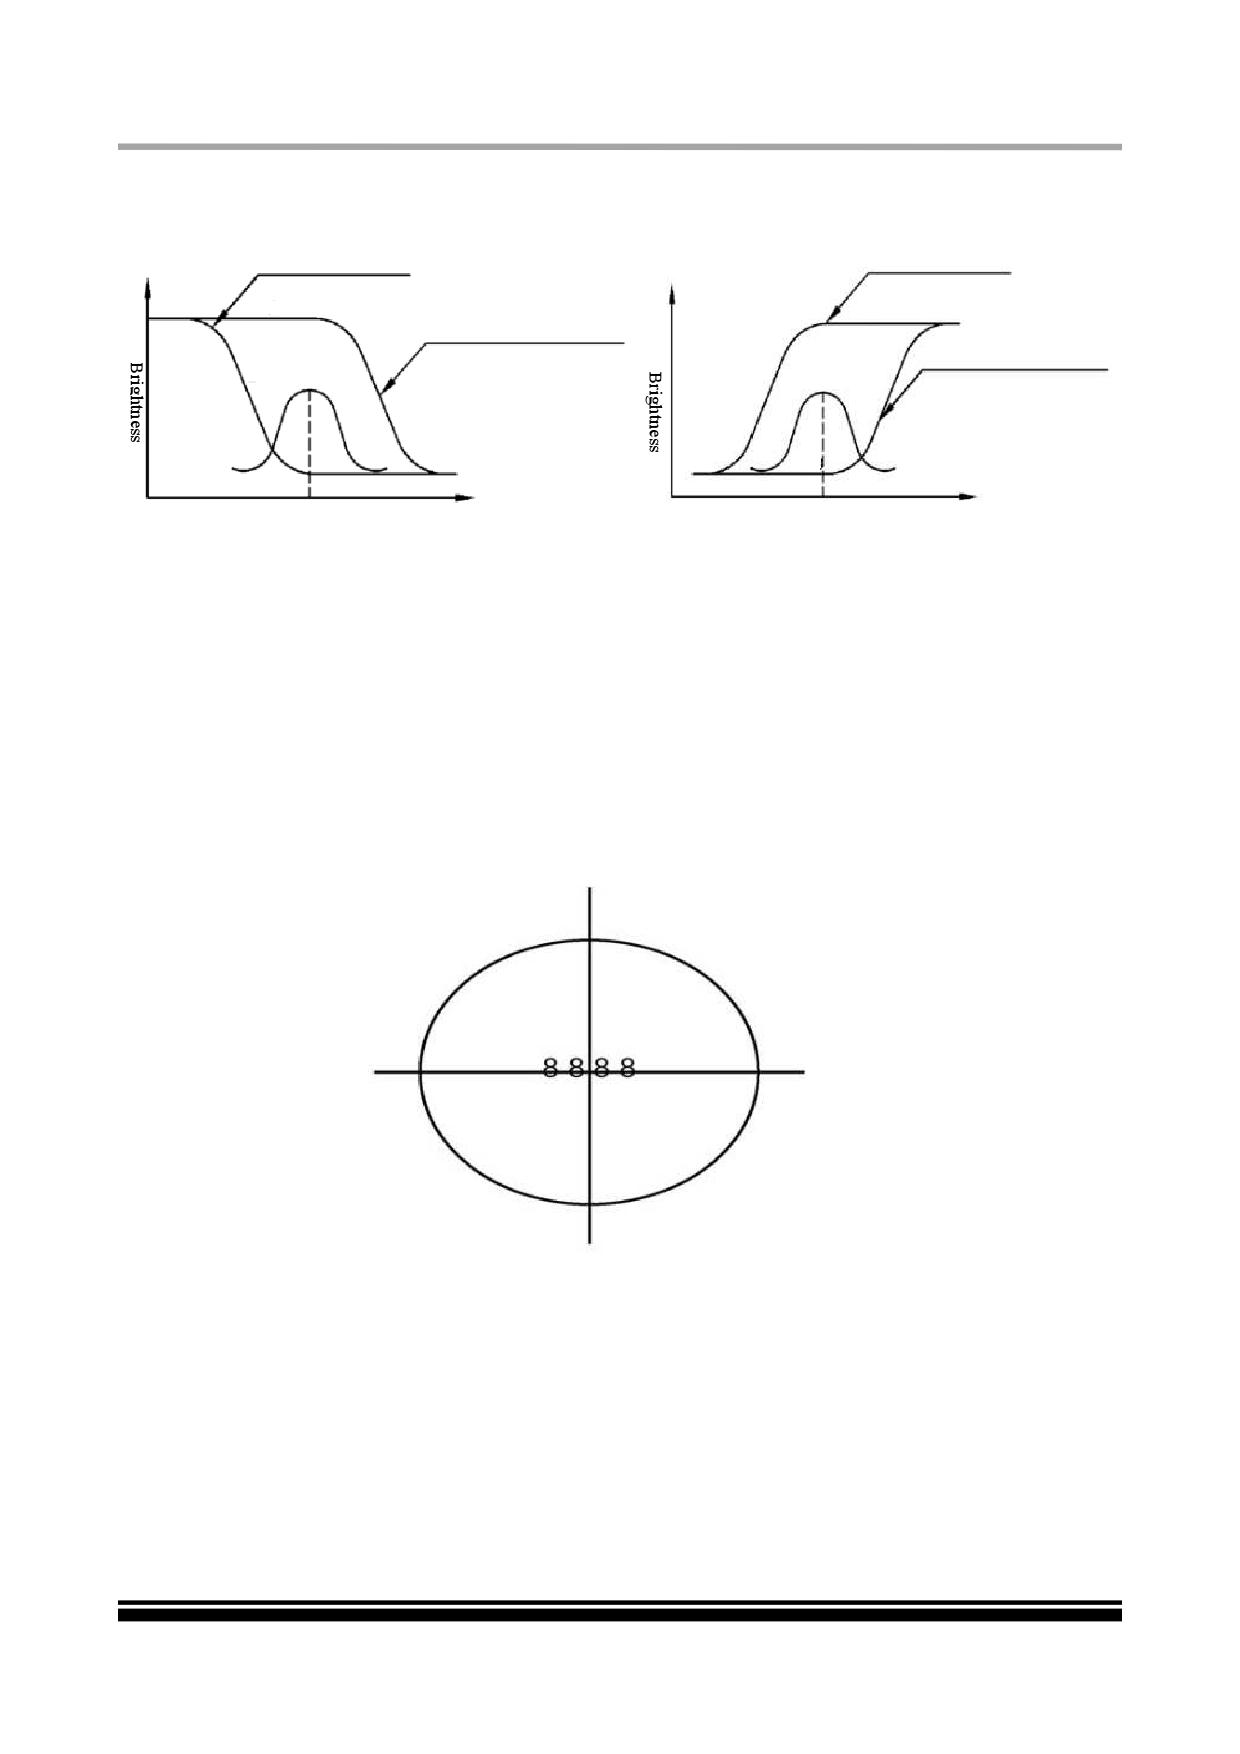 I3002-7IXN2440A arduino